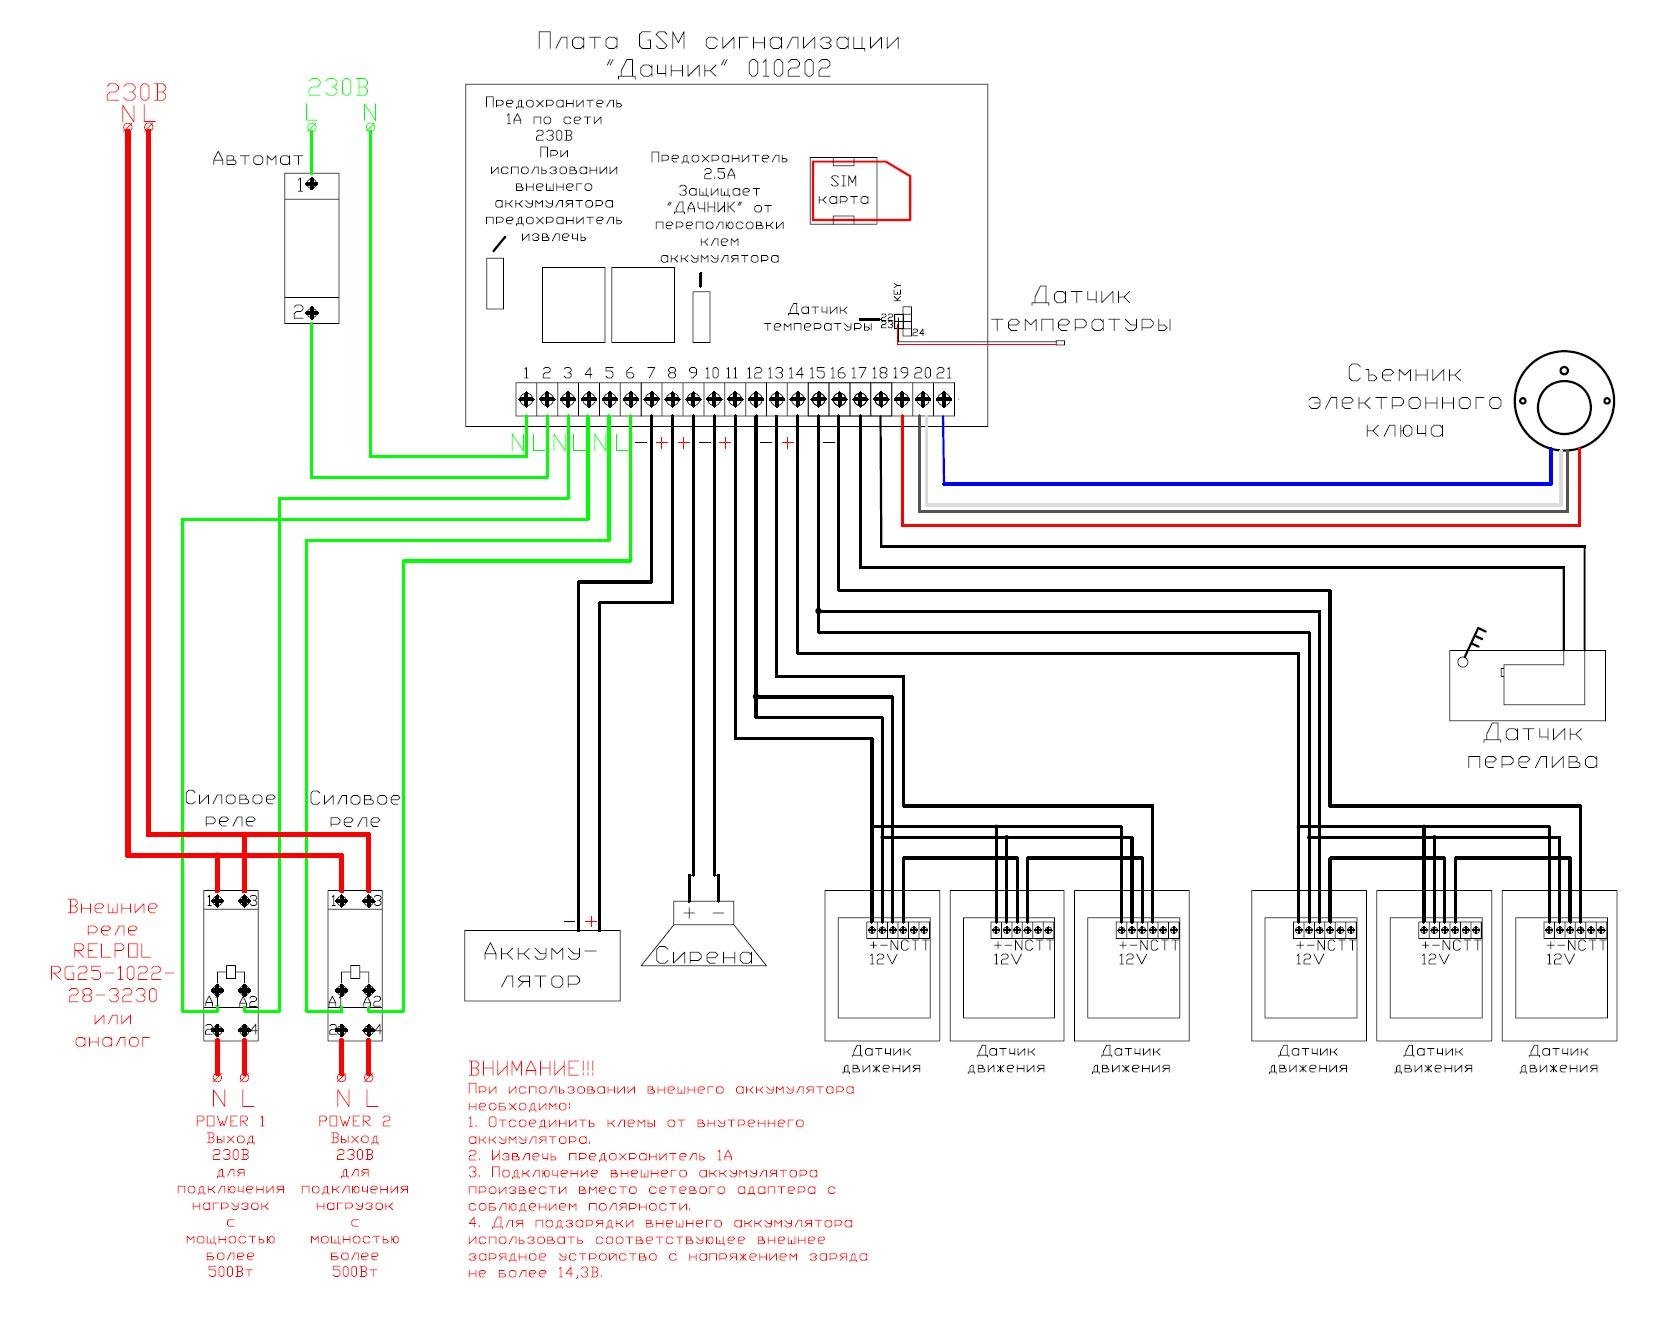 Схема сигнализация gsm